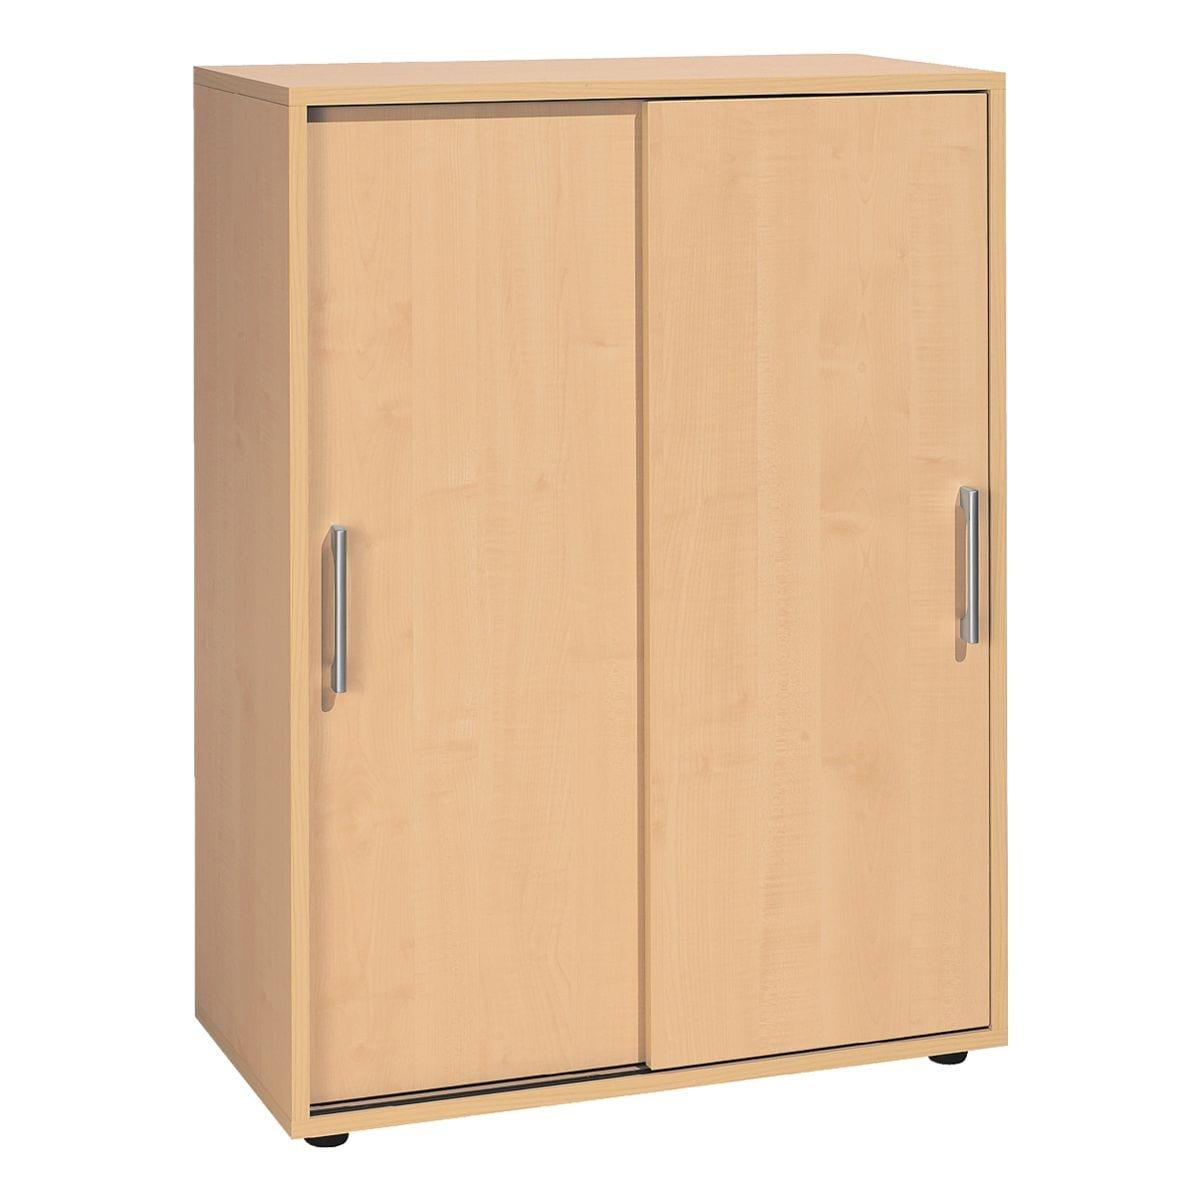 schiebet renschrank lissabon 3 oh 80 cm bei otto office g nstig kaufen. Black Bedroom Furniture Sets. Home Design Ideas